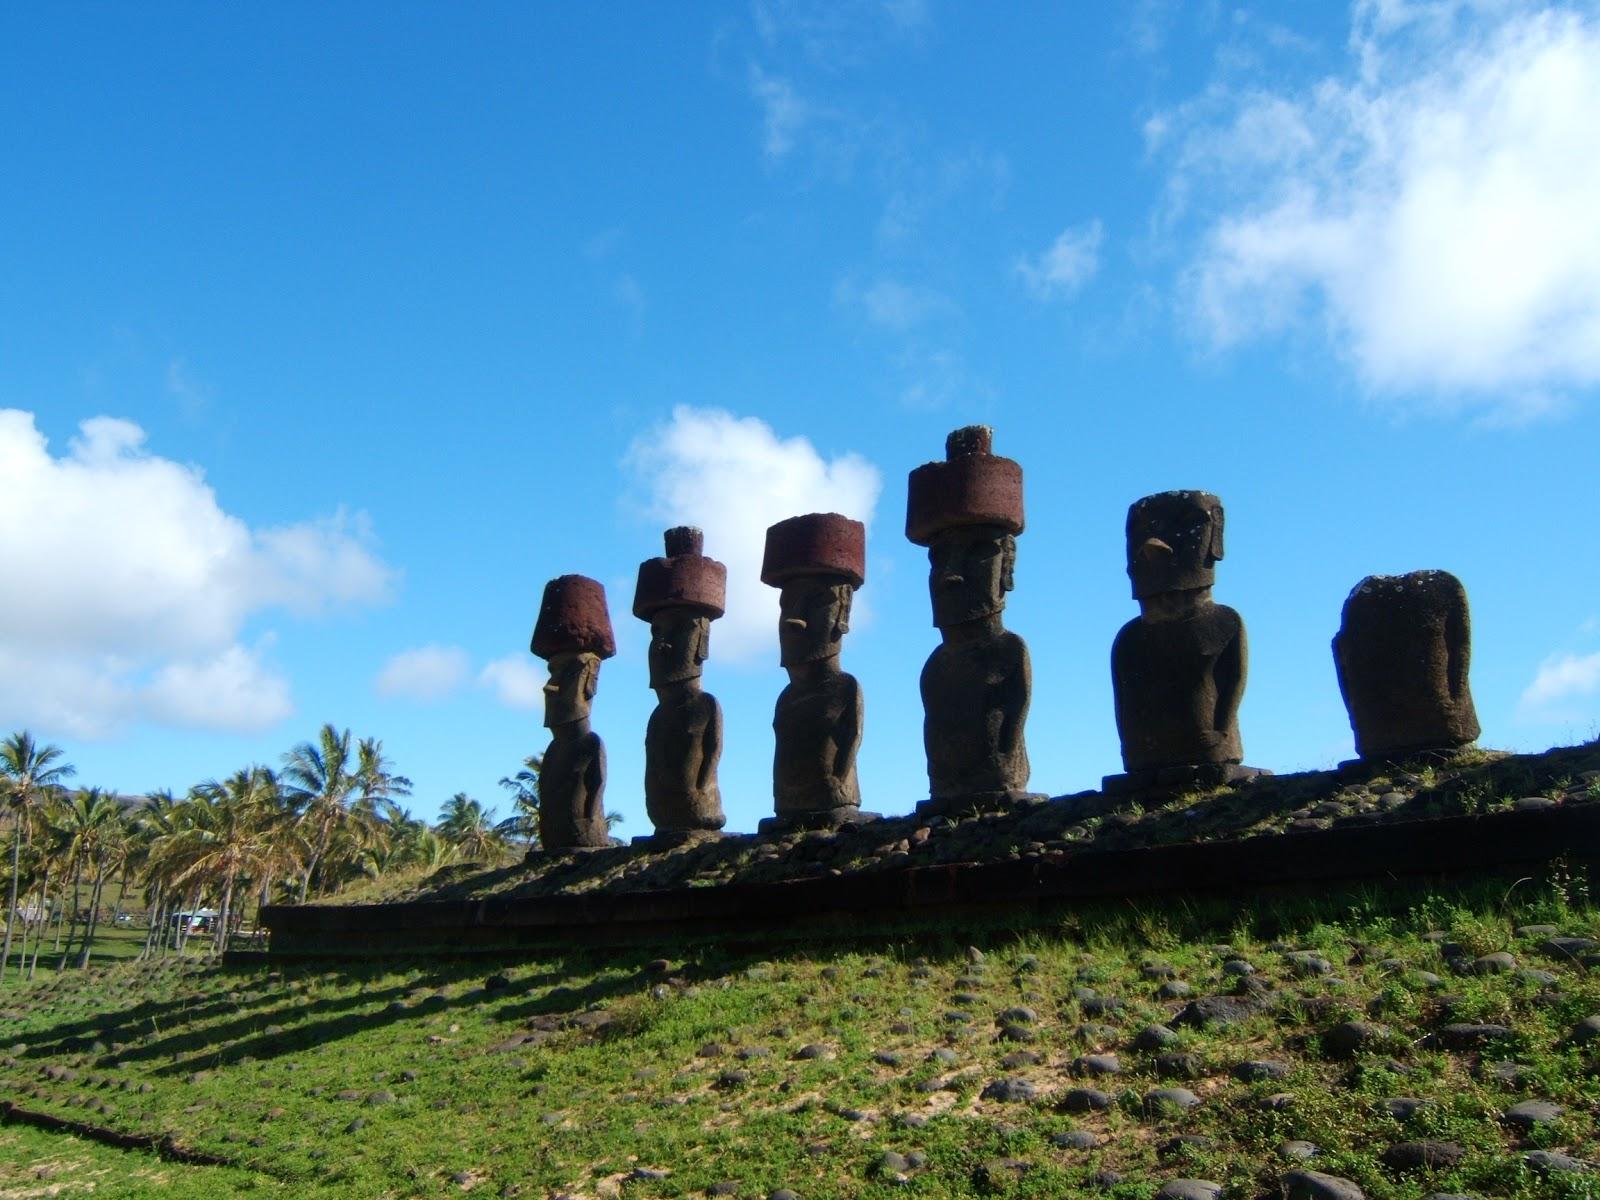 イースター島のアフ・ナウナウの六体のモアイ